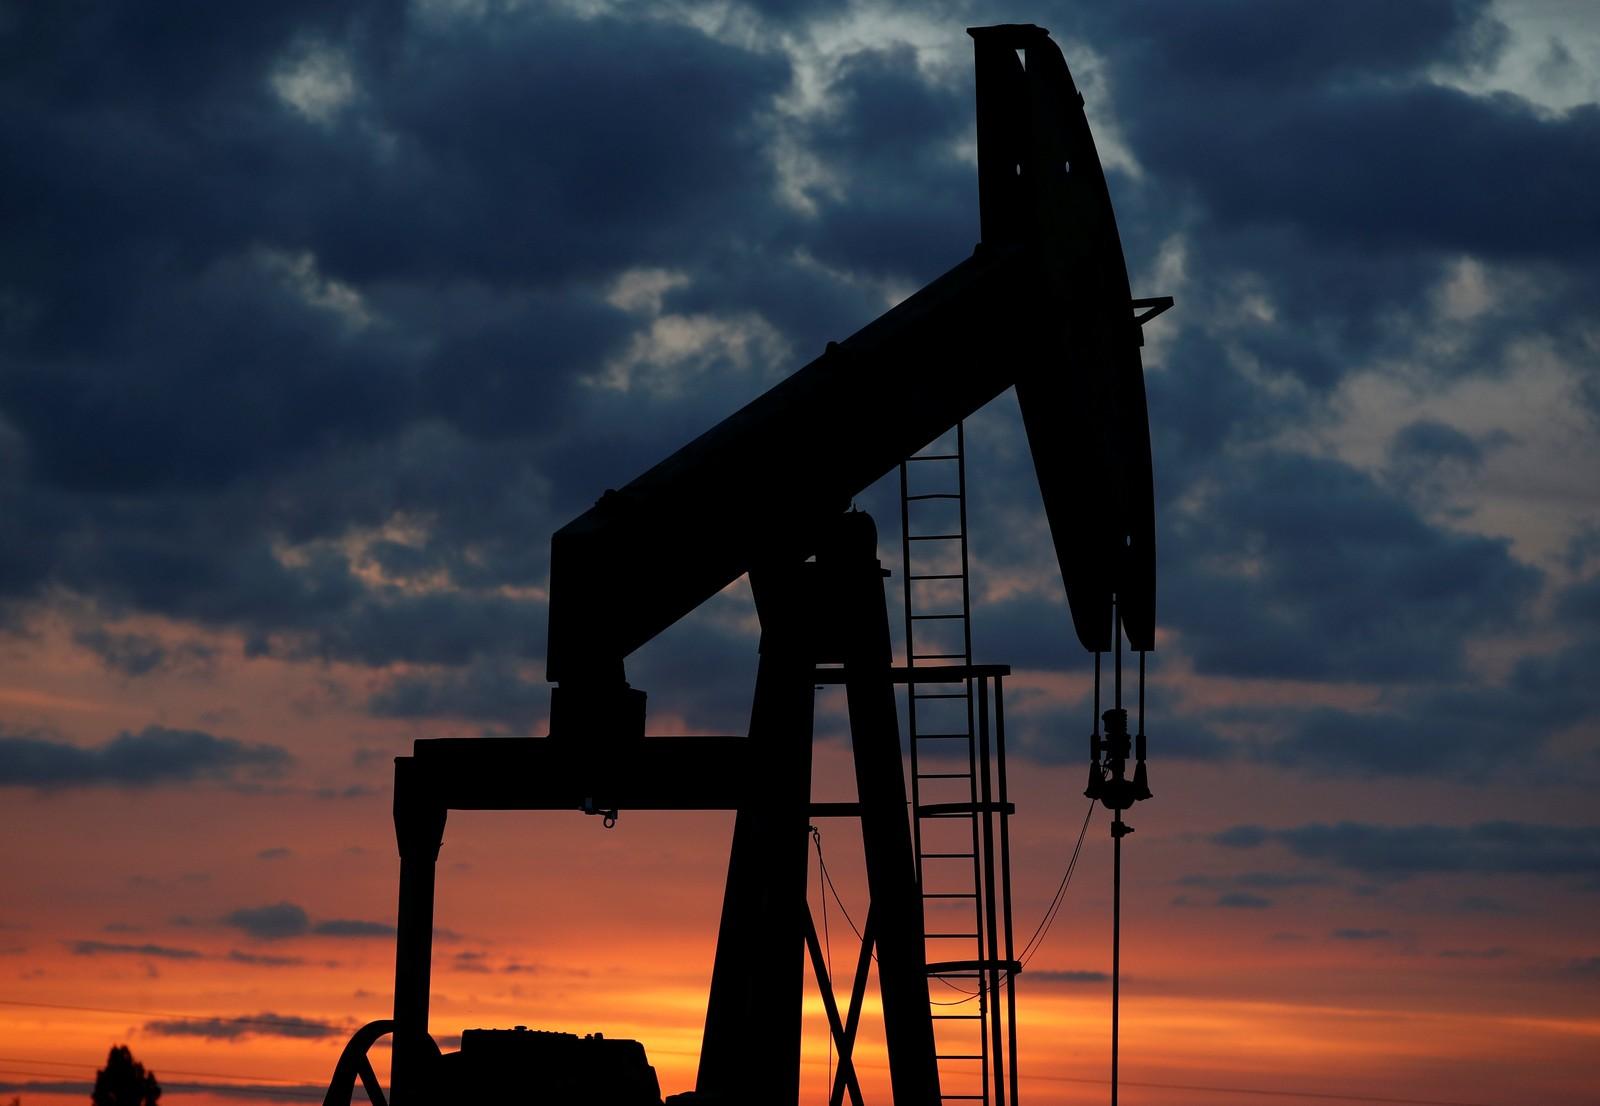 Petróleo tem maior queda diária desde 2016 com aumento da tensão comercial entre EUA e China